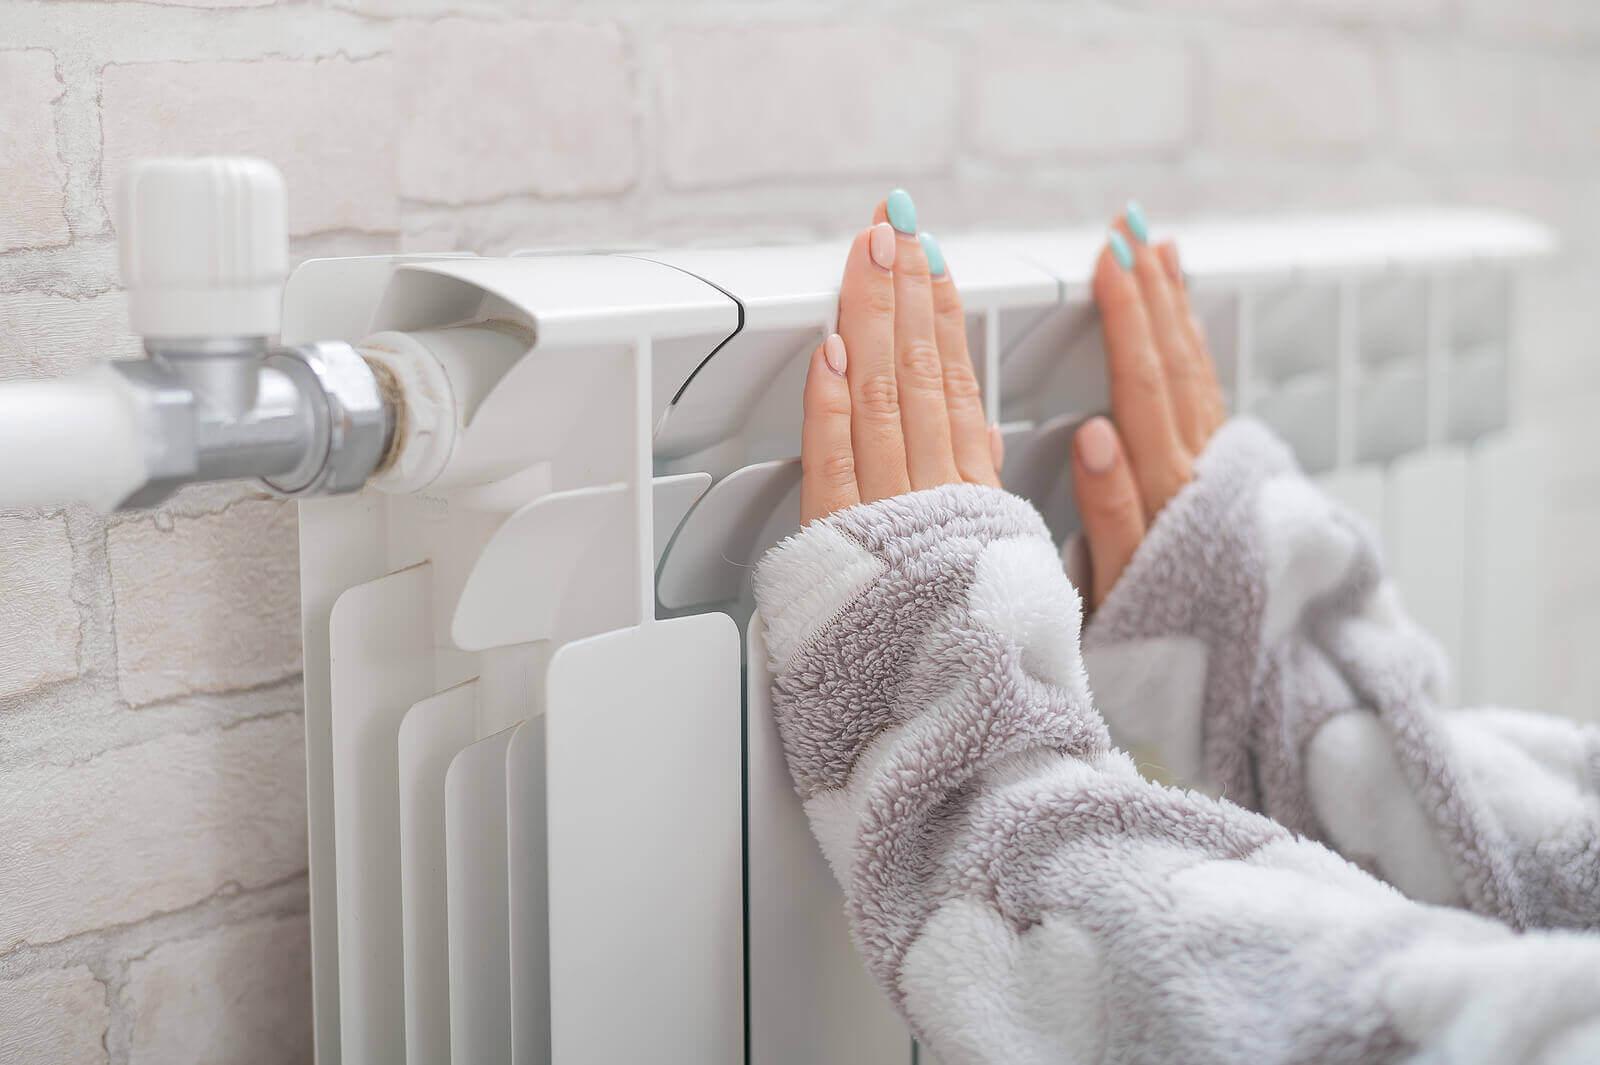 kaloriferde ısıtılan eller